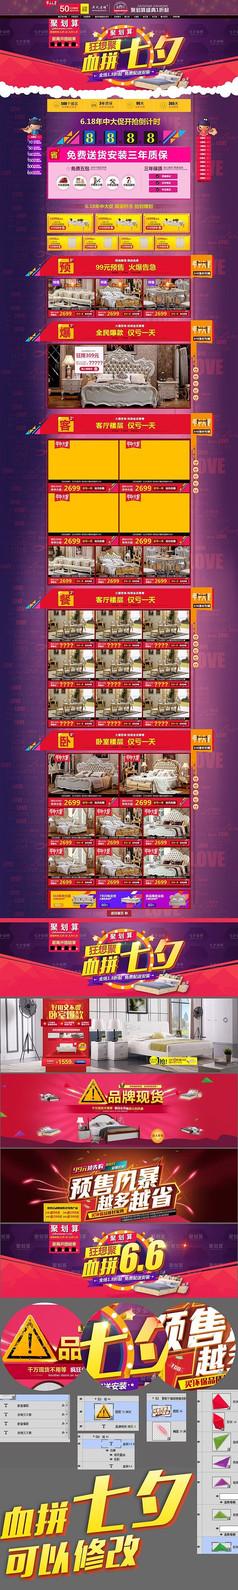 吳氏店鋪七夕情人節家裝天貓店鋪首頁模板